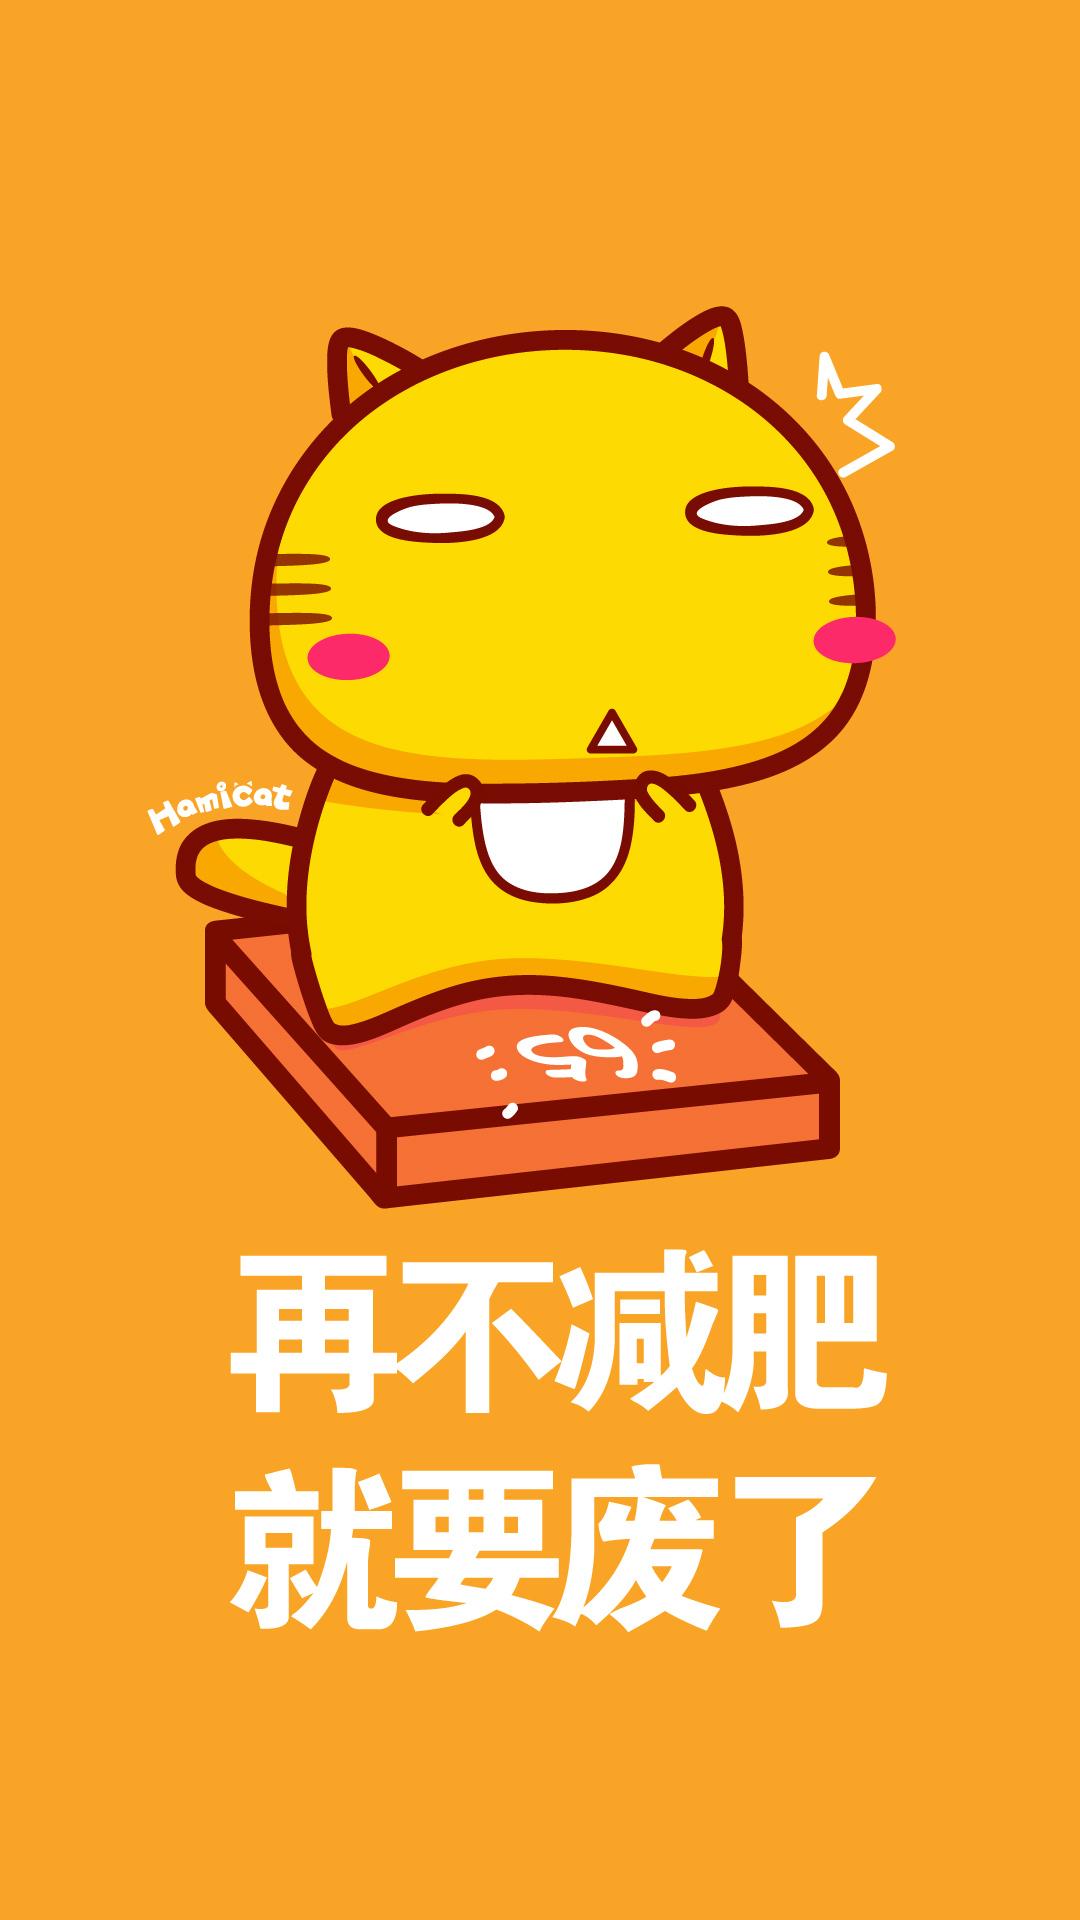 表情 卡通哈咪猫减肥系列手机壁纸下载第9页 高清手机壁纸图片大全 精品壁纸站 表情